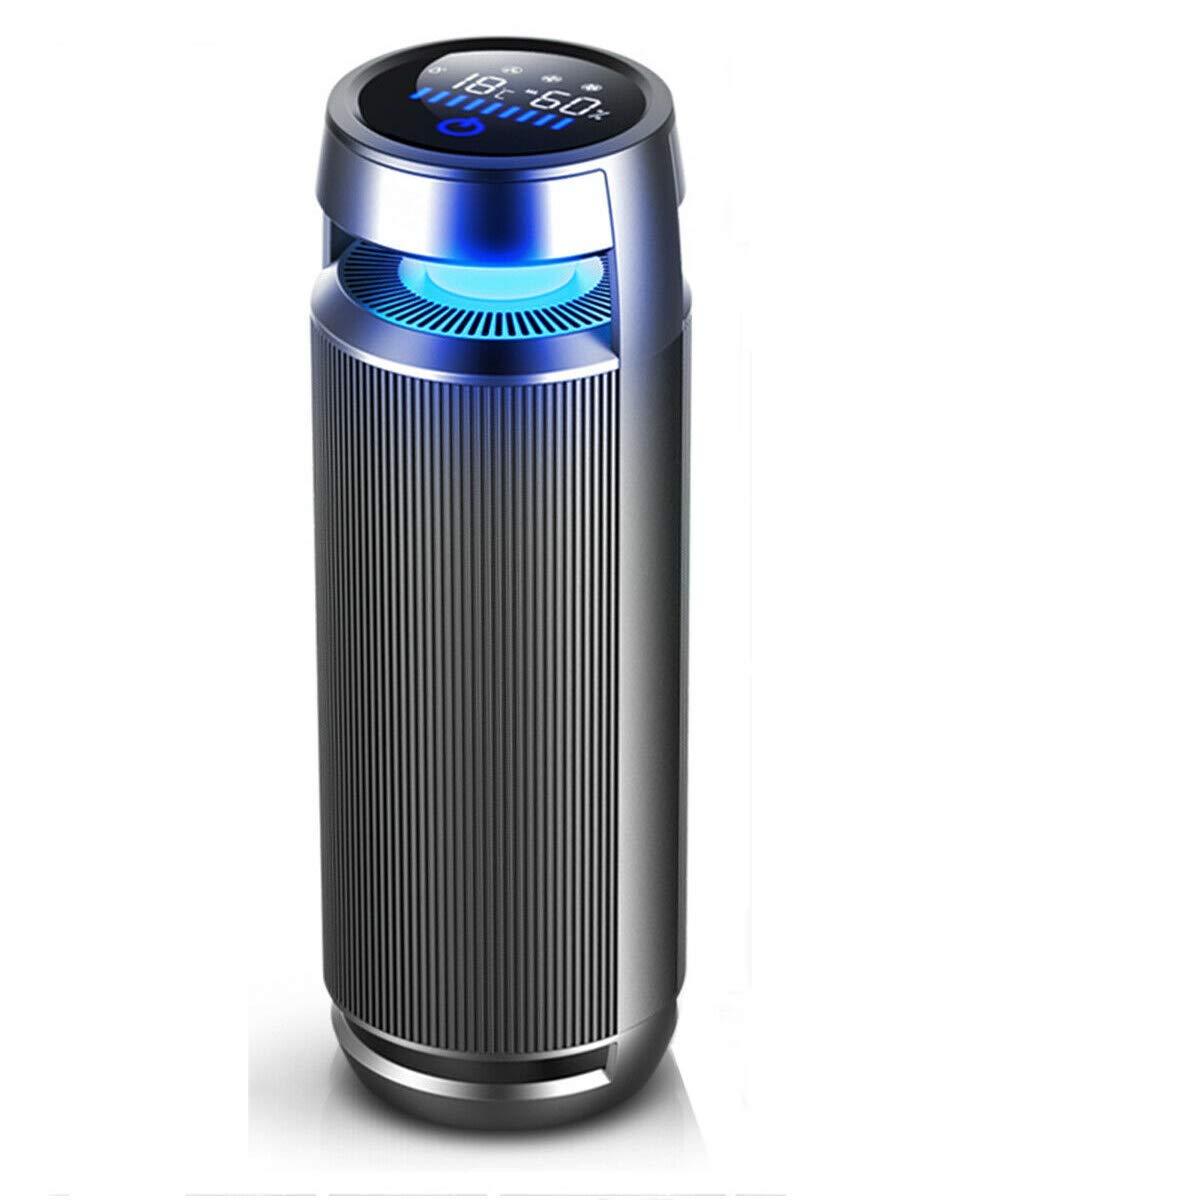 Smart Car Air Purifier